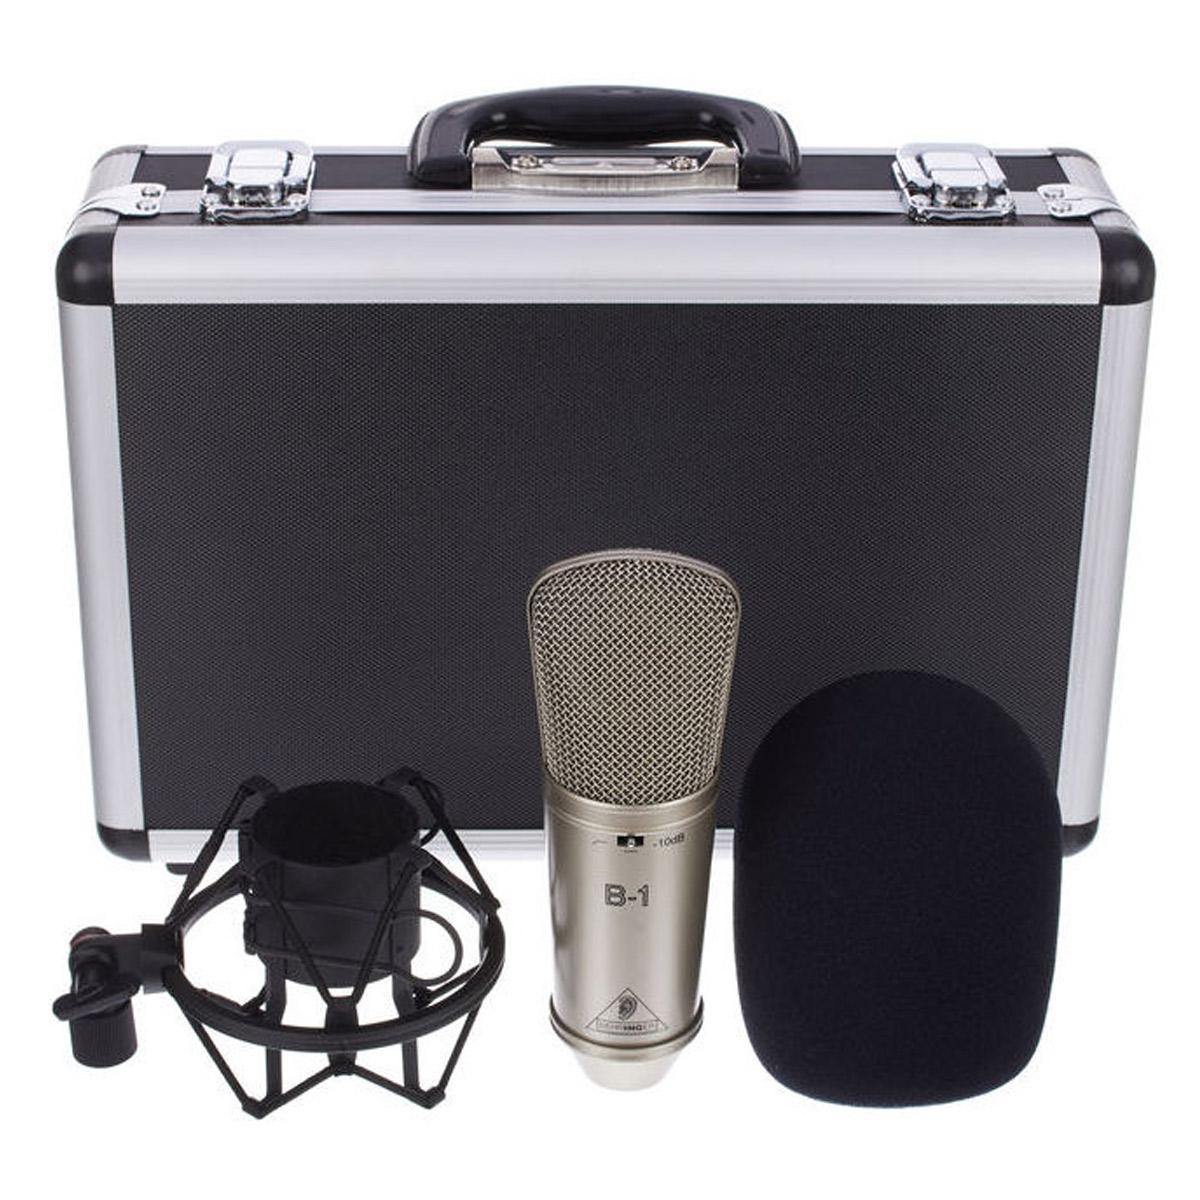 B1 - Microfone c/ Fio p/ Est�dio B 1 - Behringer